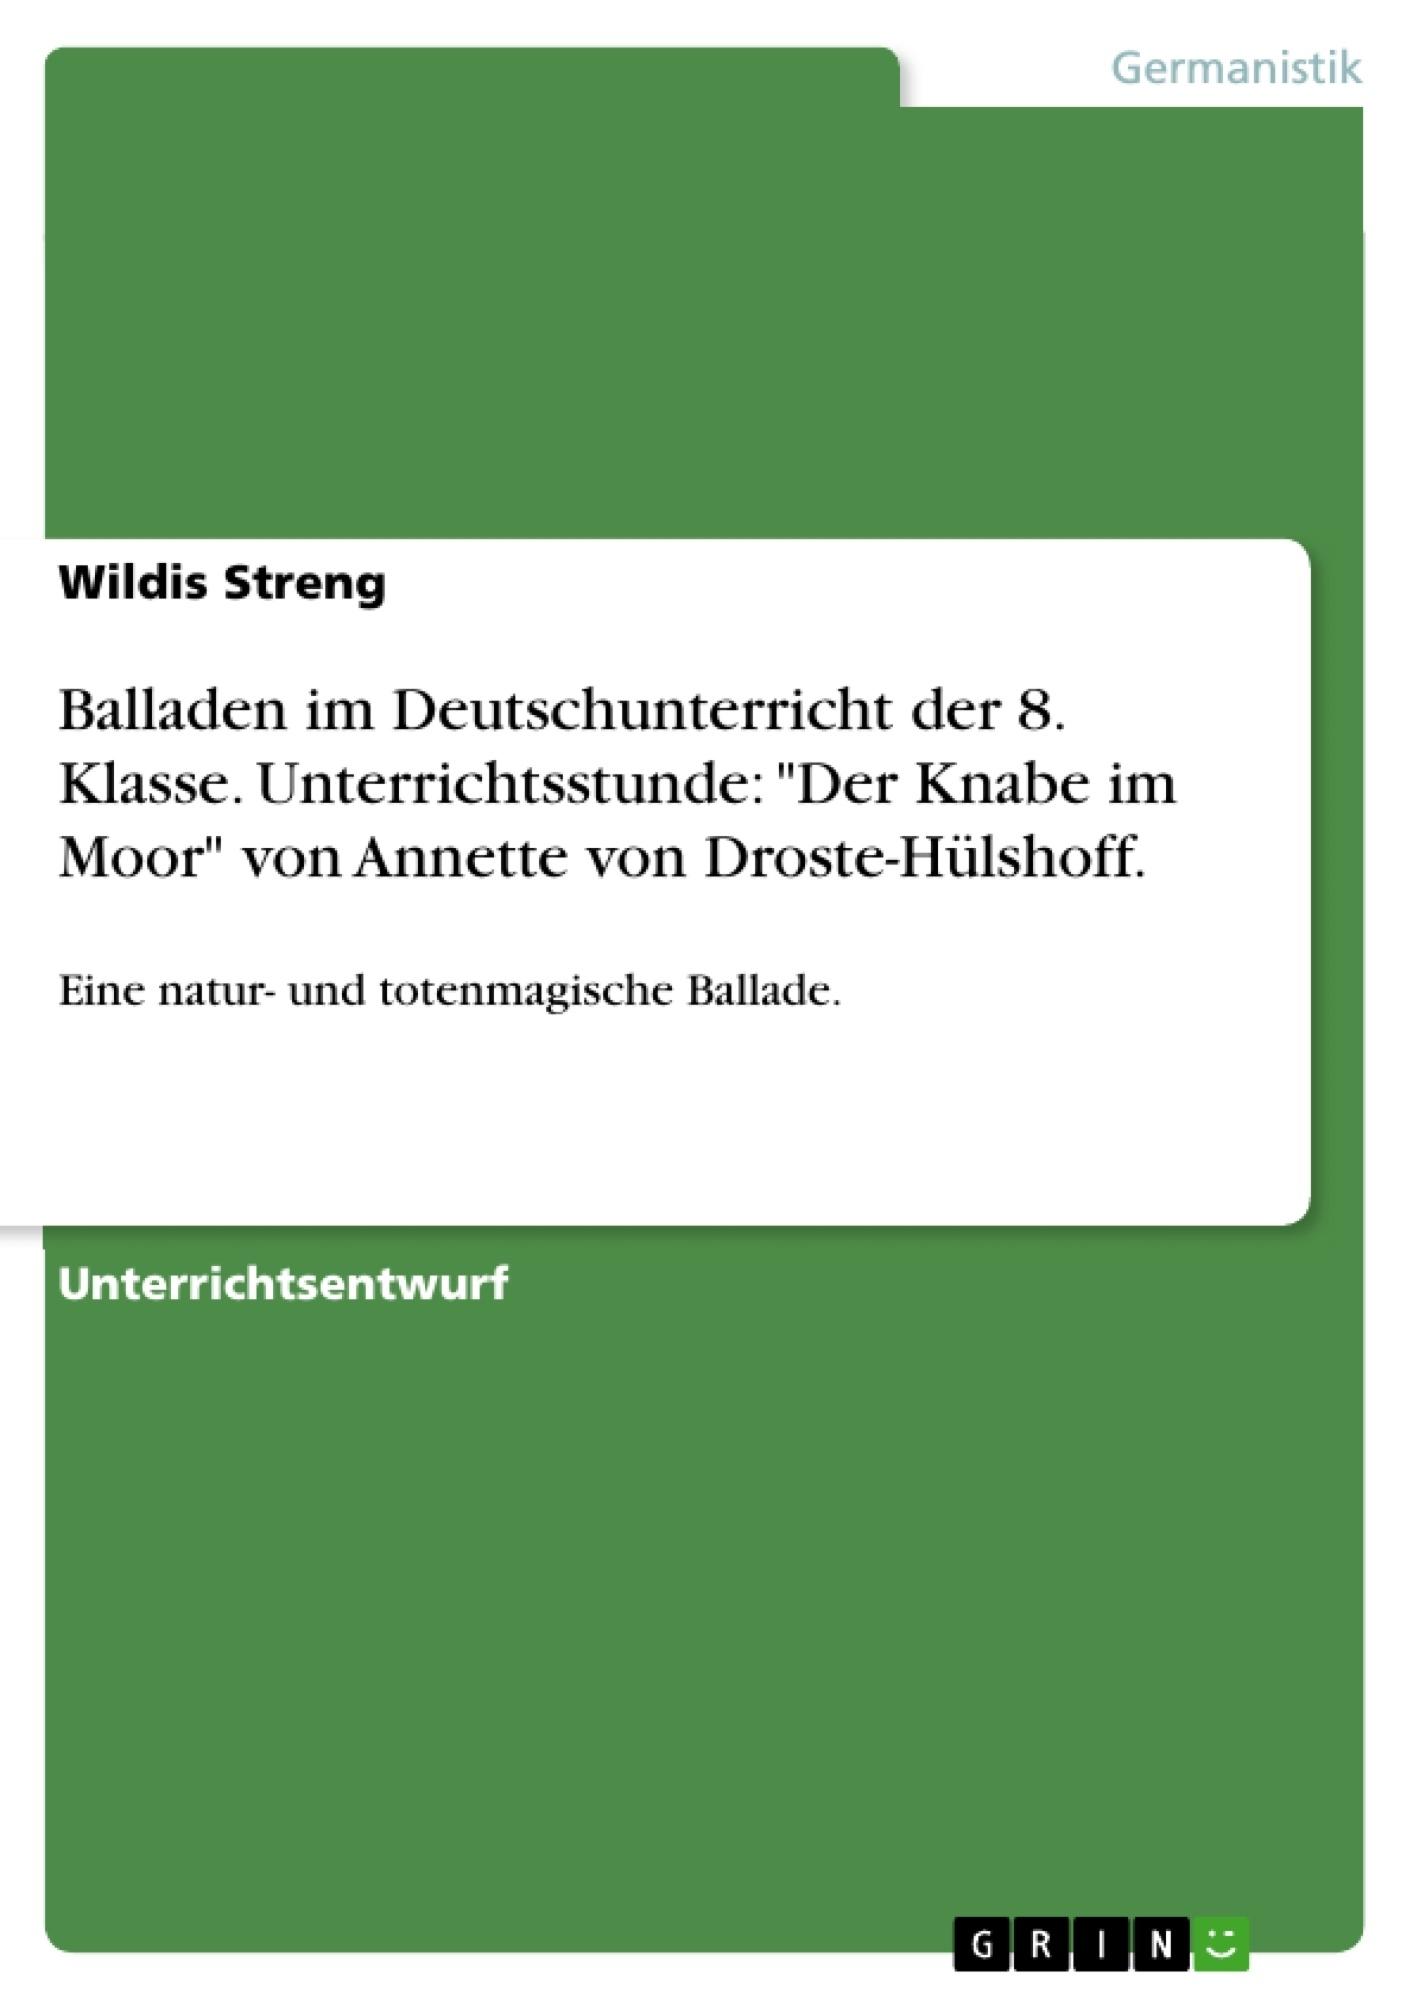 """Titel: Balladen im Deutschunterricht der 8. Klasse. Unterrichtsstunde: """"Der Knabe im Moor"""" von Annette von Droste-Hülshoff."""